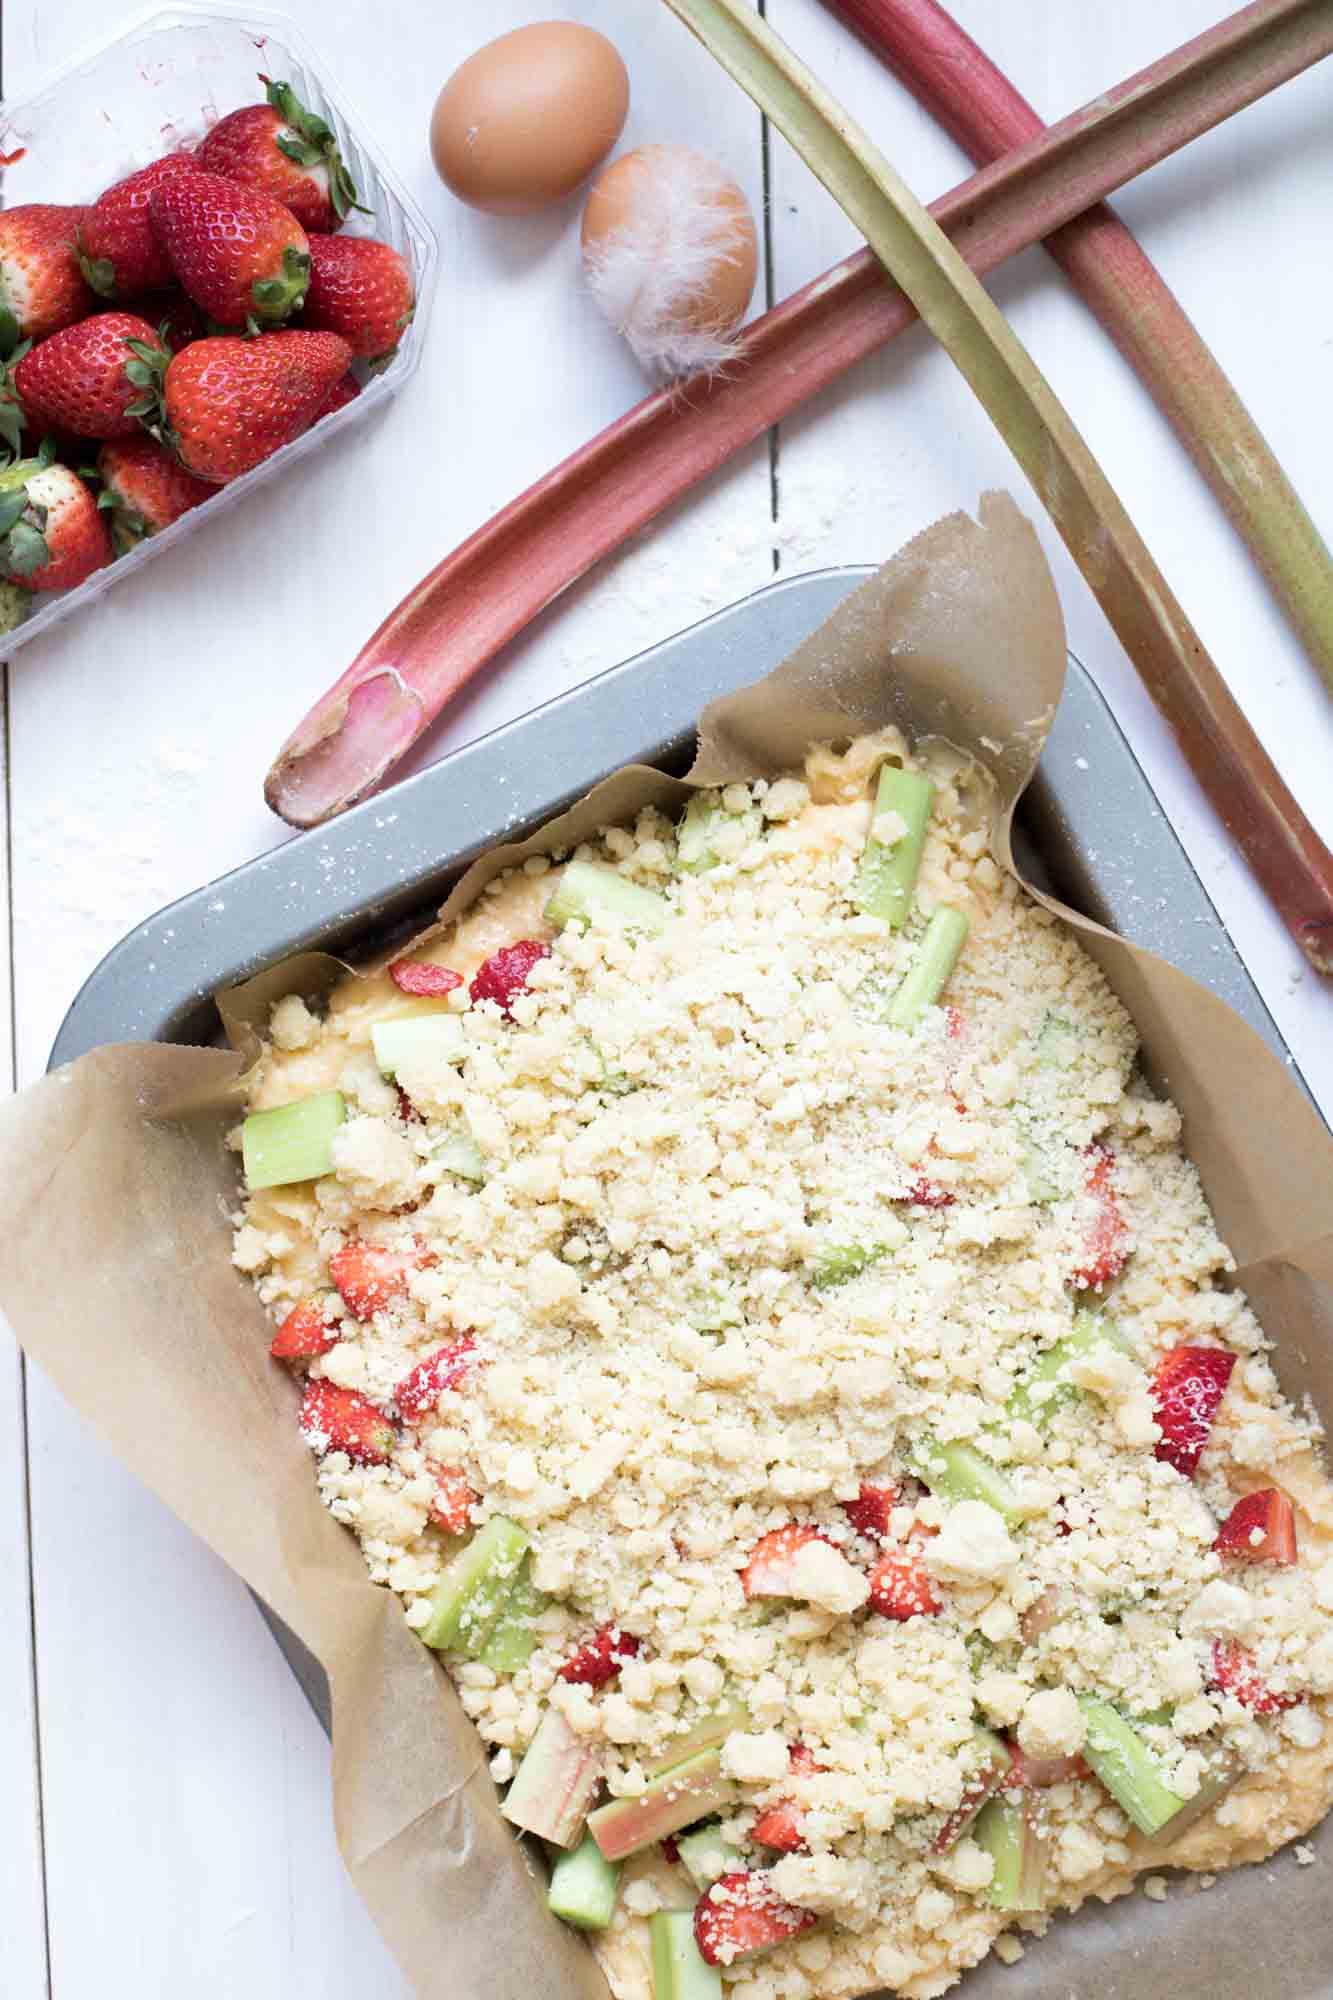 rhabarberkuchen-mit erdbeeren-und-streuseln-backen-3682